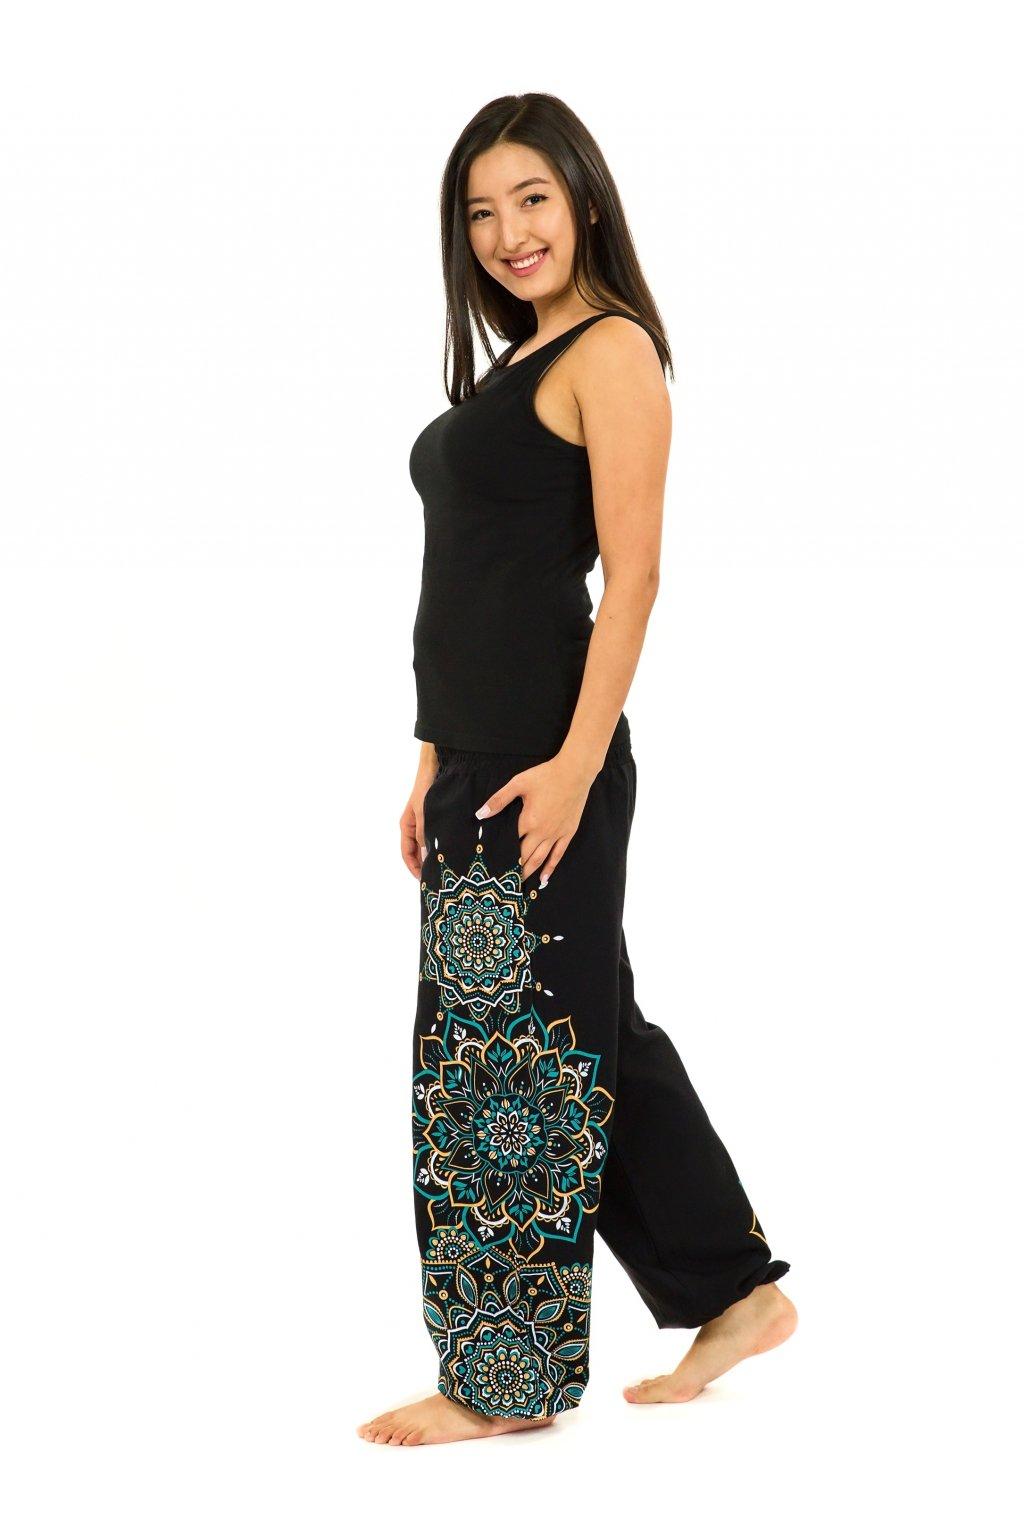 Kalhoty Damsa - černá s tyrkysovou a žlutou